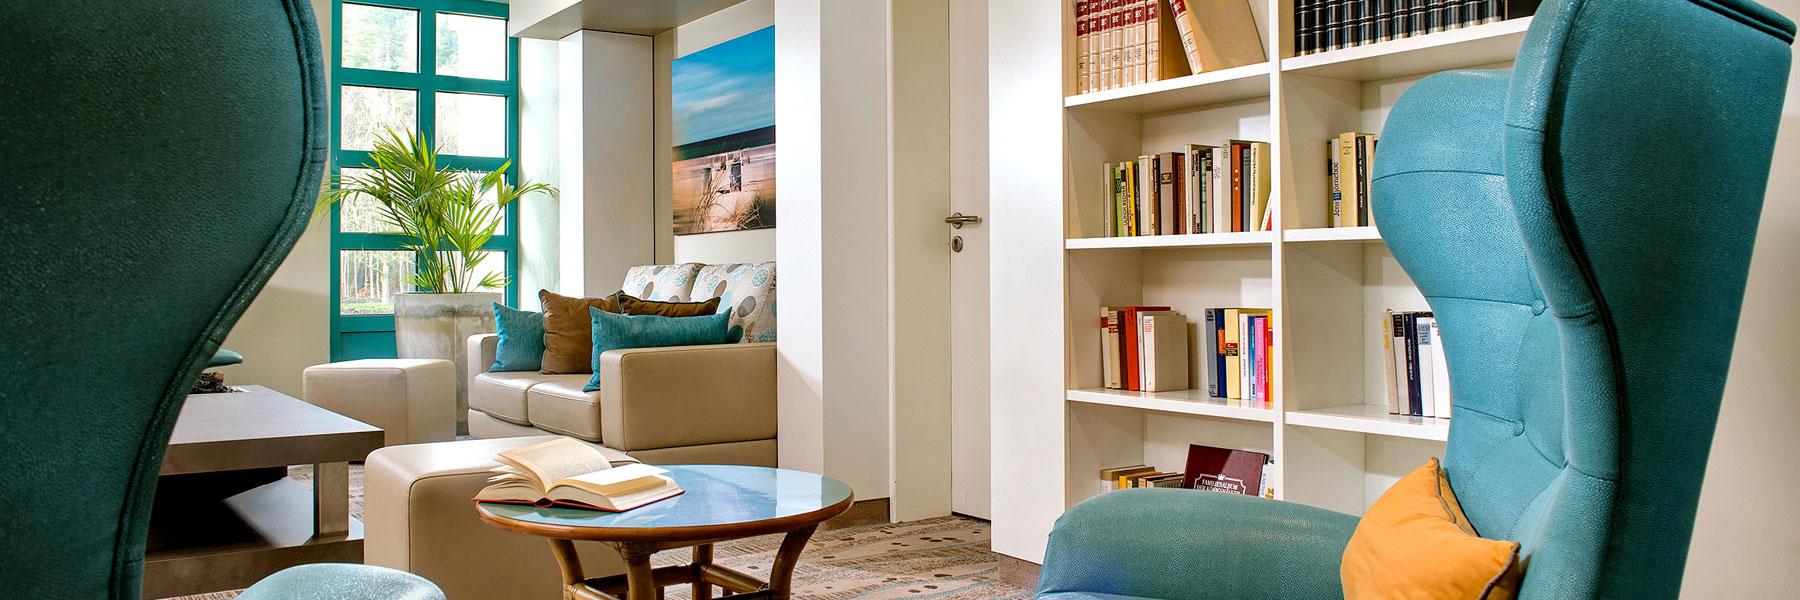 Bibliothek - Bernstein Hotel Prerow